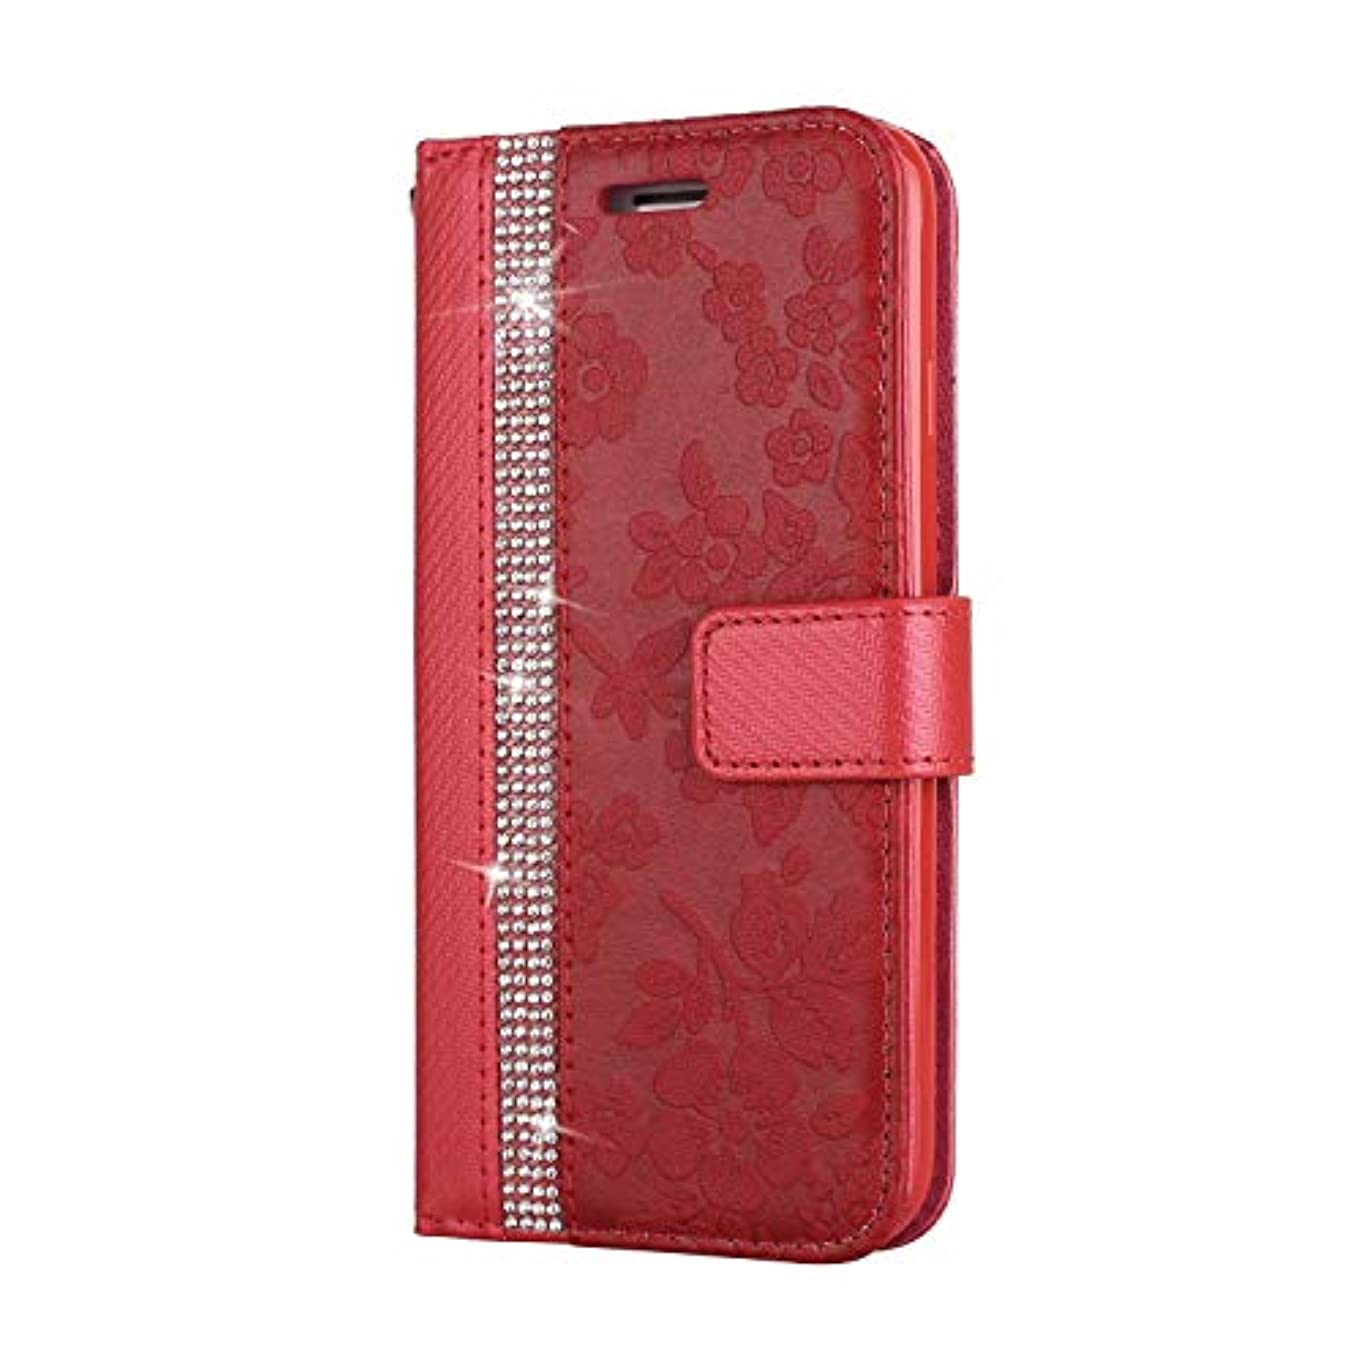 素晴らしきラウズ知性CUNUS iPhone 7 / iPhone 8 用 ウォレット ケース, プレミアム PUレザー 全面保護 ケース 耐衝撃 スタンド機能 耐汚れ カード収納 カバー, レッド